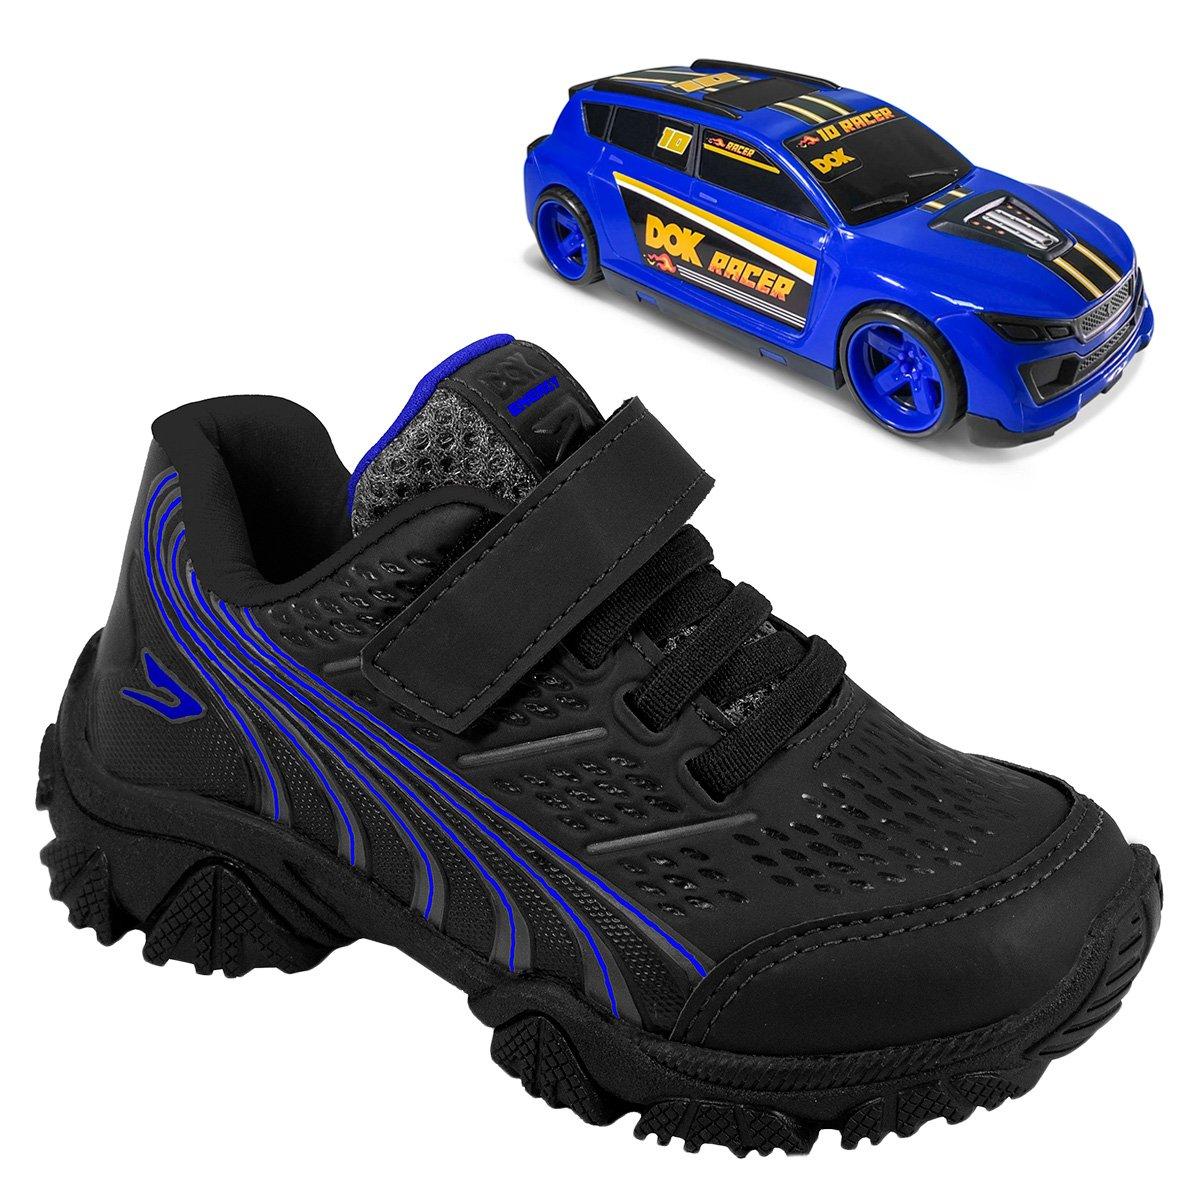 Tênis infantil Dok com carro de brinquedo